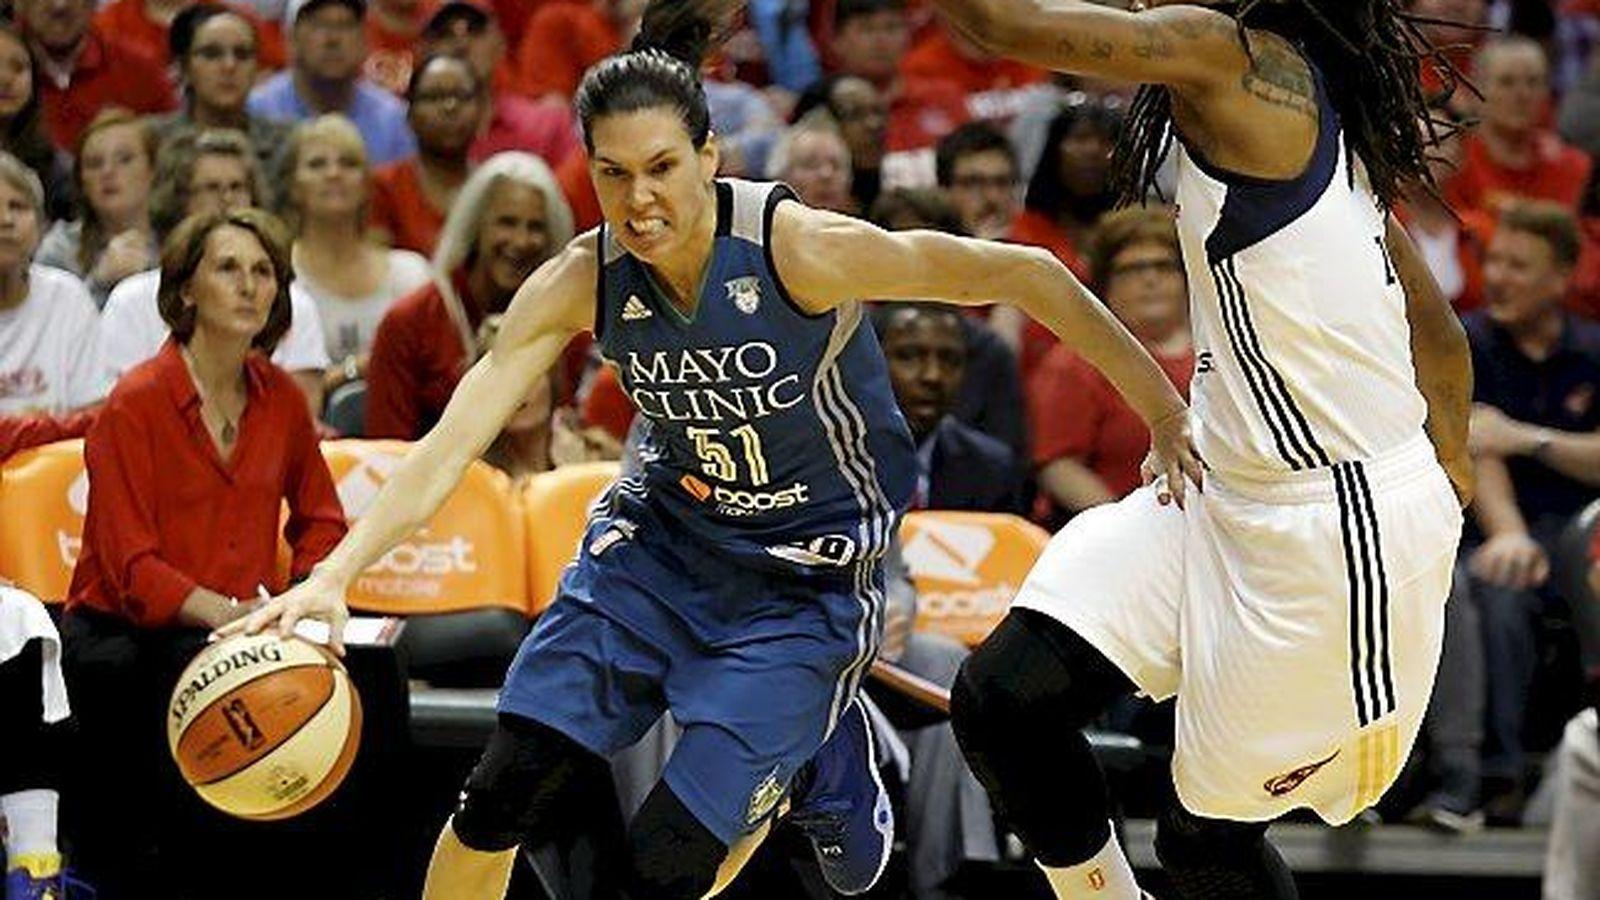 Foto: Anna Cruz durante el tercer partido de la final de la WNBA (AP).